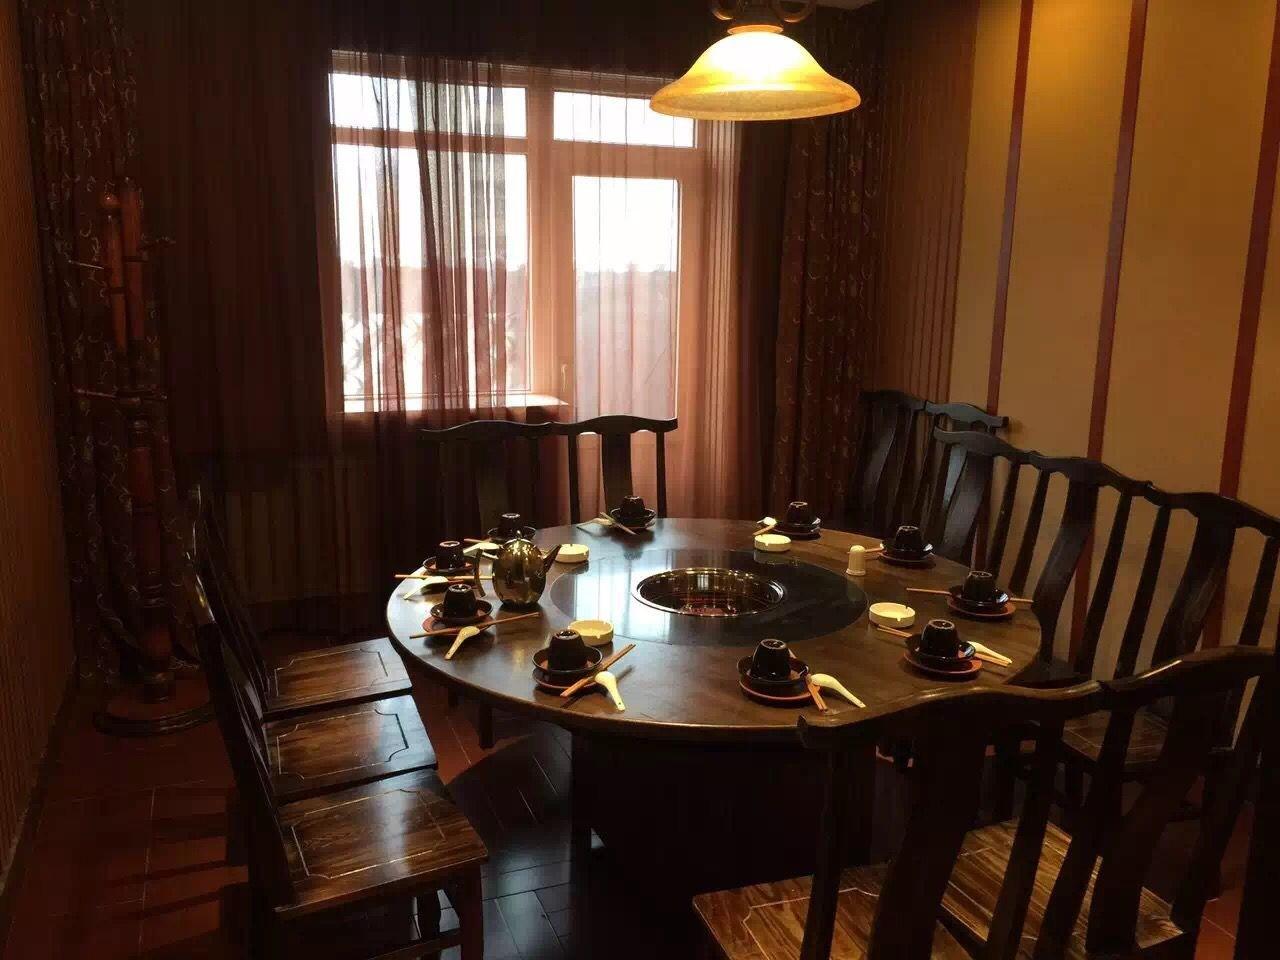 мрамор хого стол чунцин старый хого столы и стулья, комбинации, газовая плита, круглые столы и стулья заказ хого электромагнитная печь